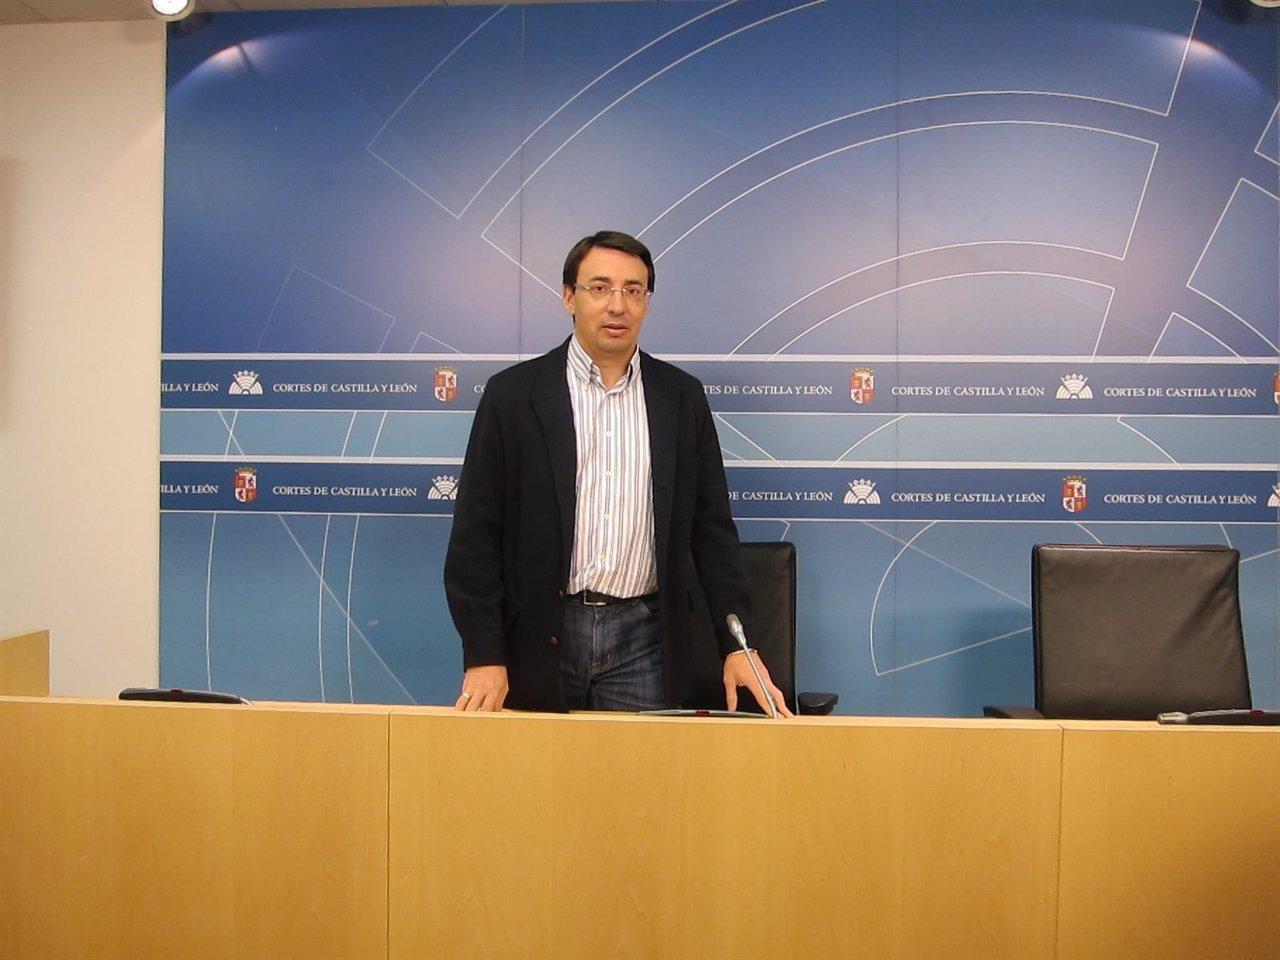 Fernando Pablos, portavoz de Universidades del PSOE en las Cortes